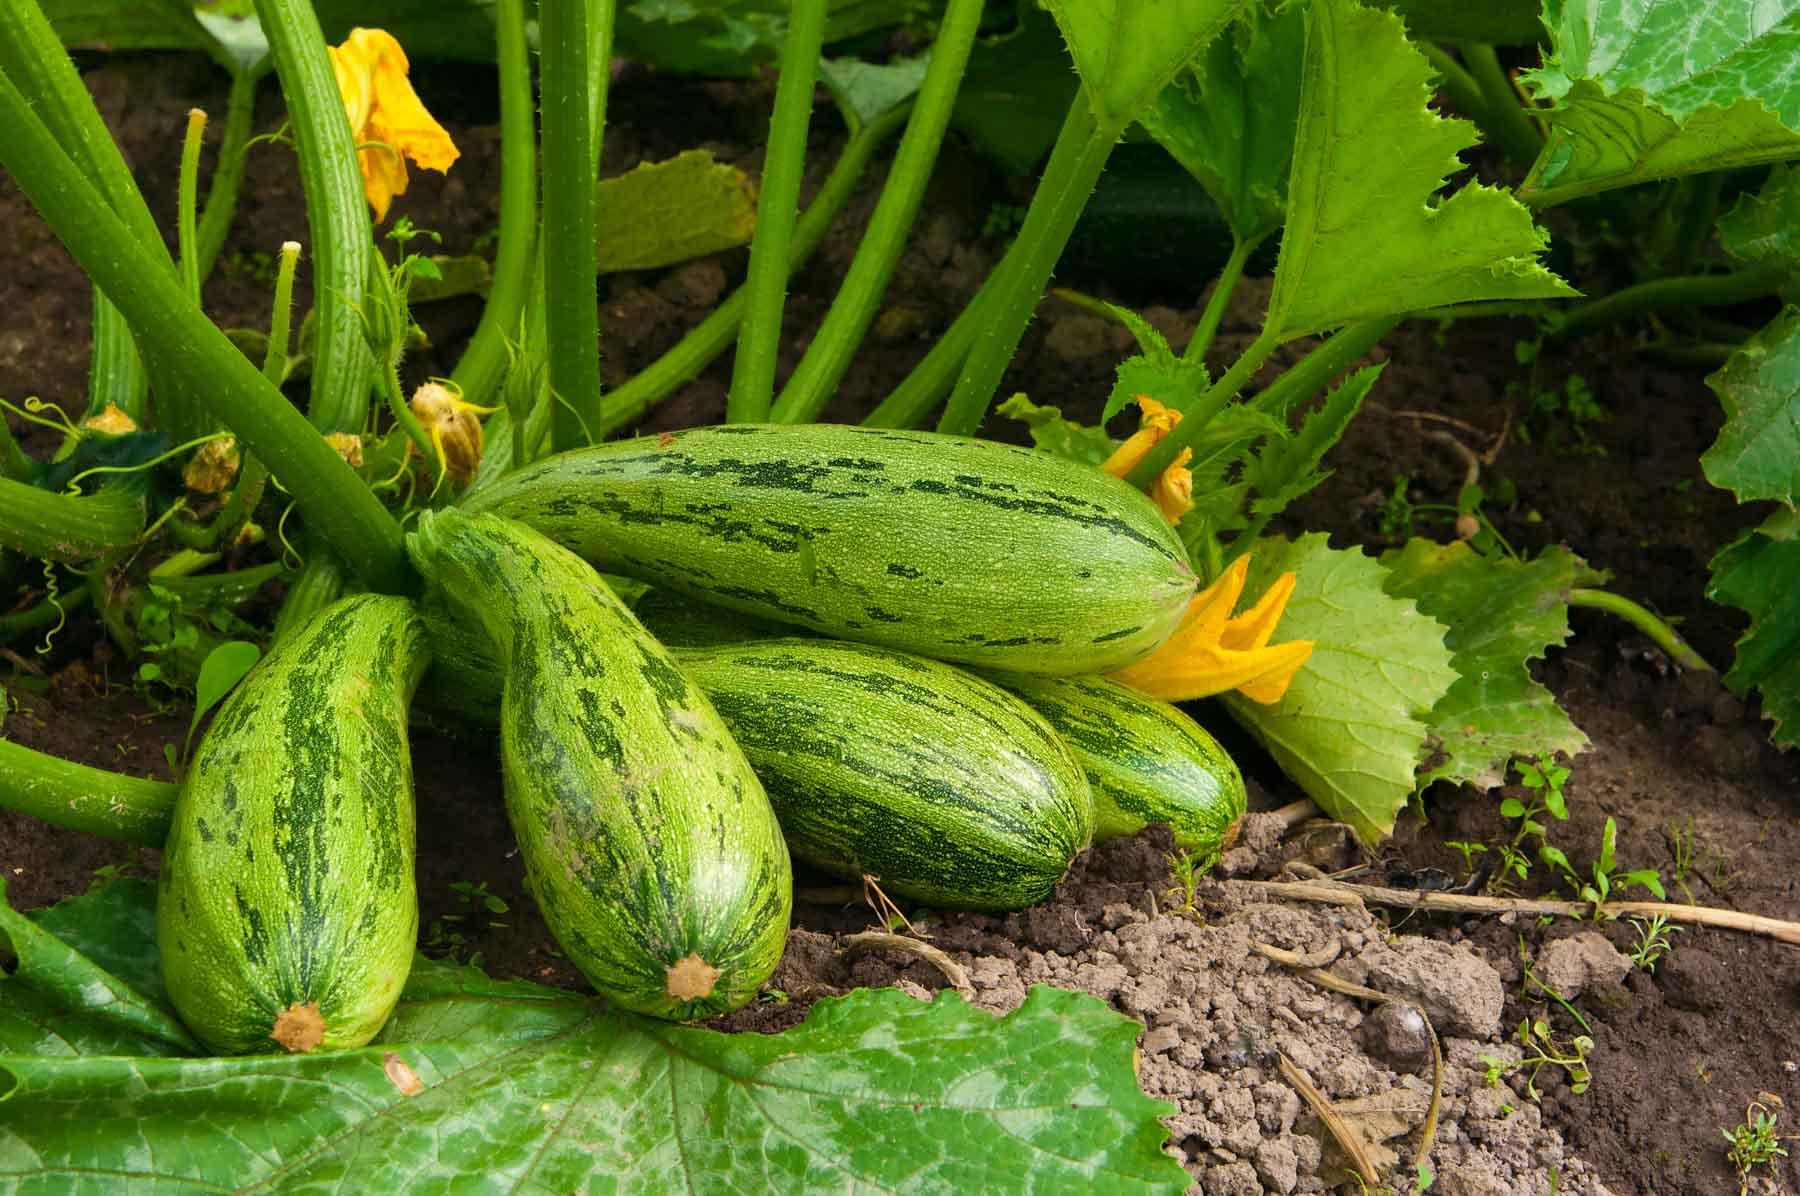 """ဇူကီးနီး """"ခေါ်"""" ဖရုံသခွား စိုက်ပျိုးနည်းစနစ်"""